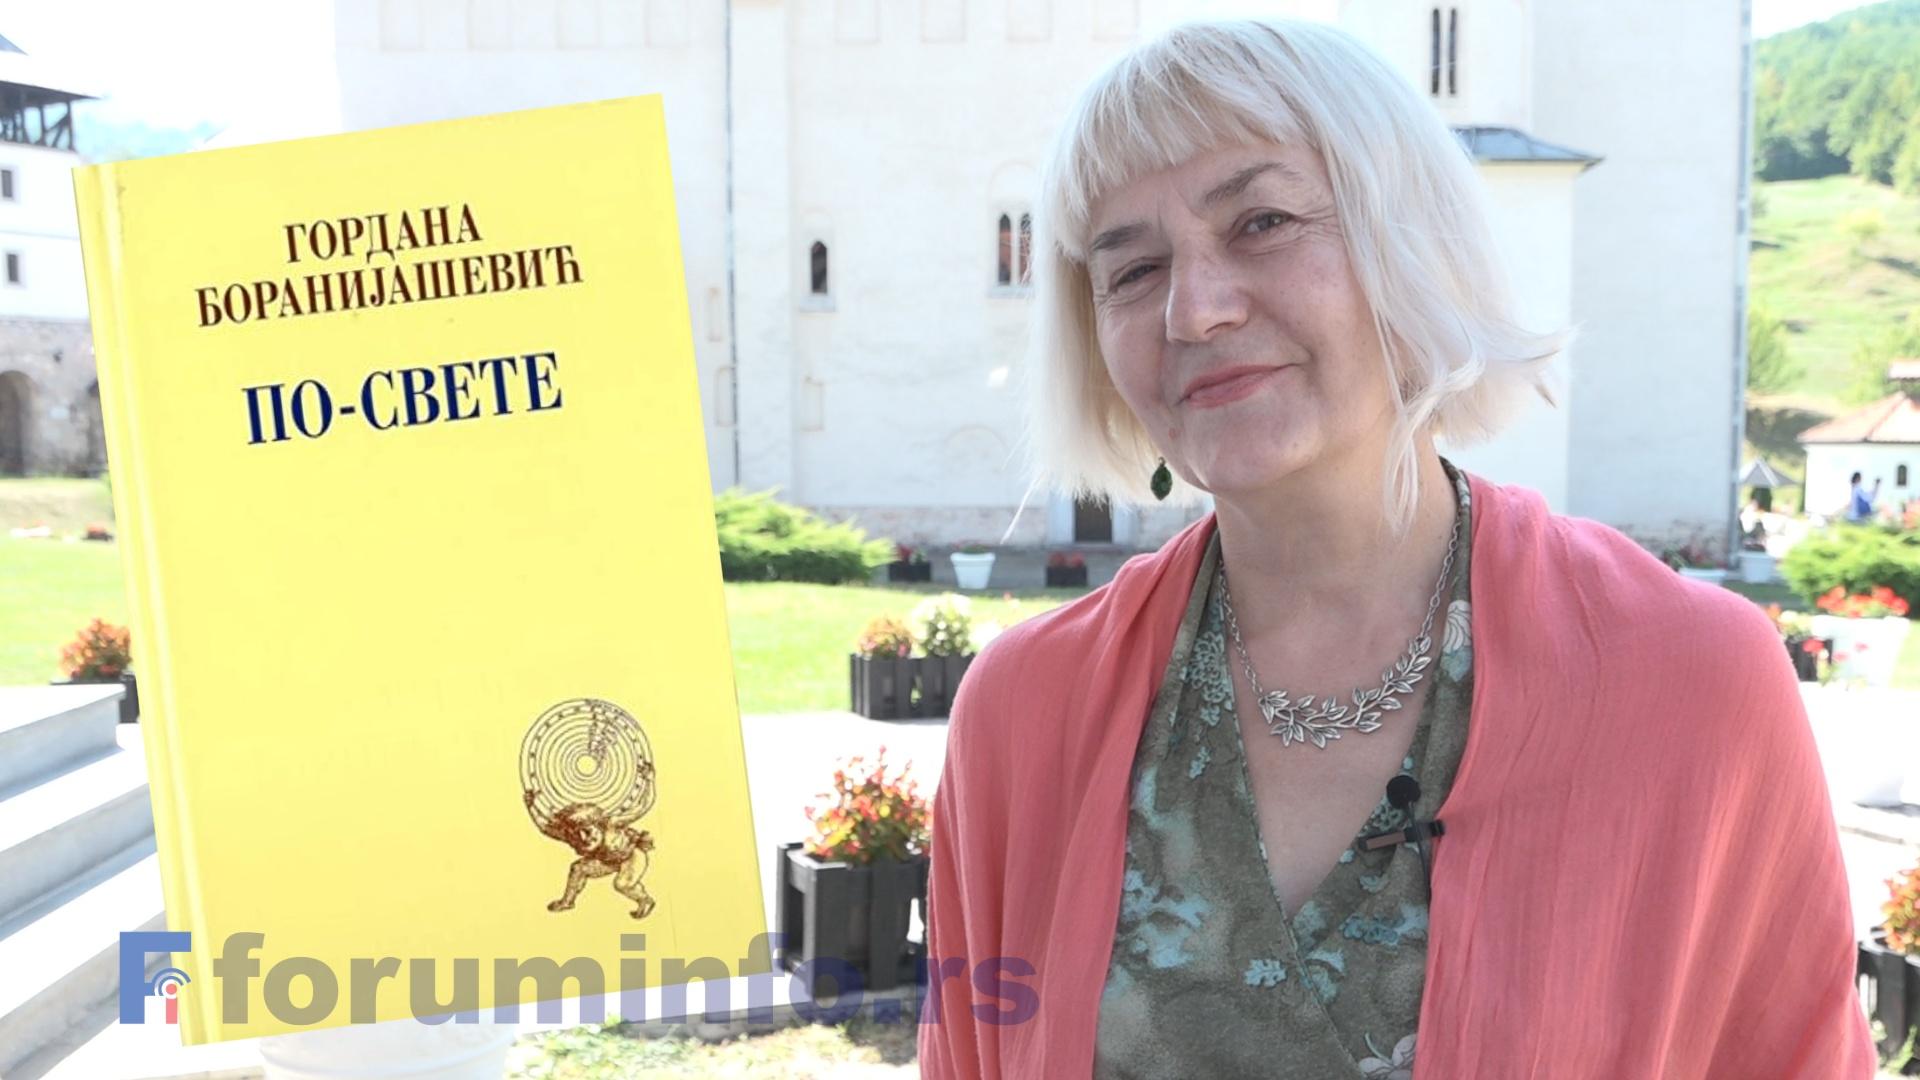 """Нова збирка поезије Гордане Боранијашевић """"По-свете"""" – Свакидашње, а јединствено и зачудно"""